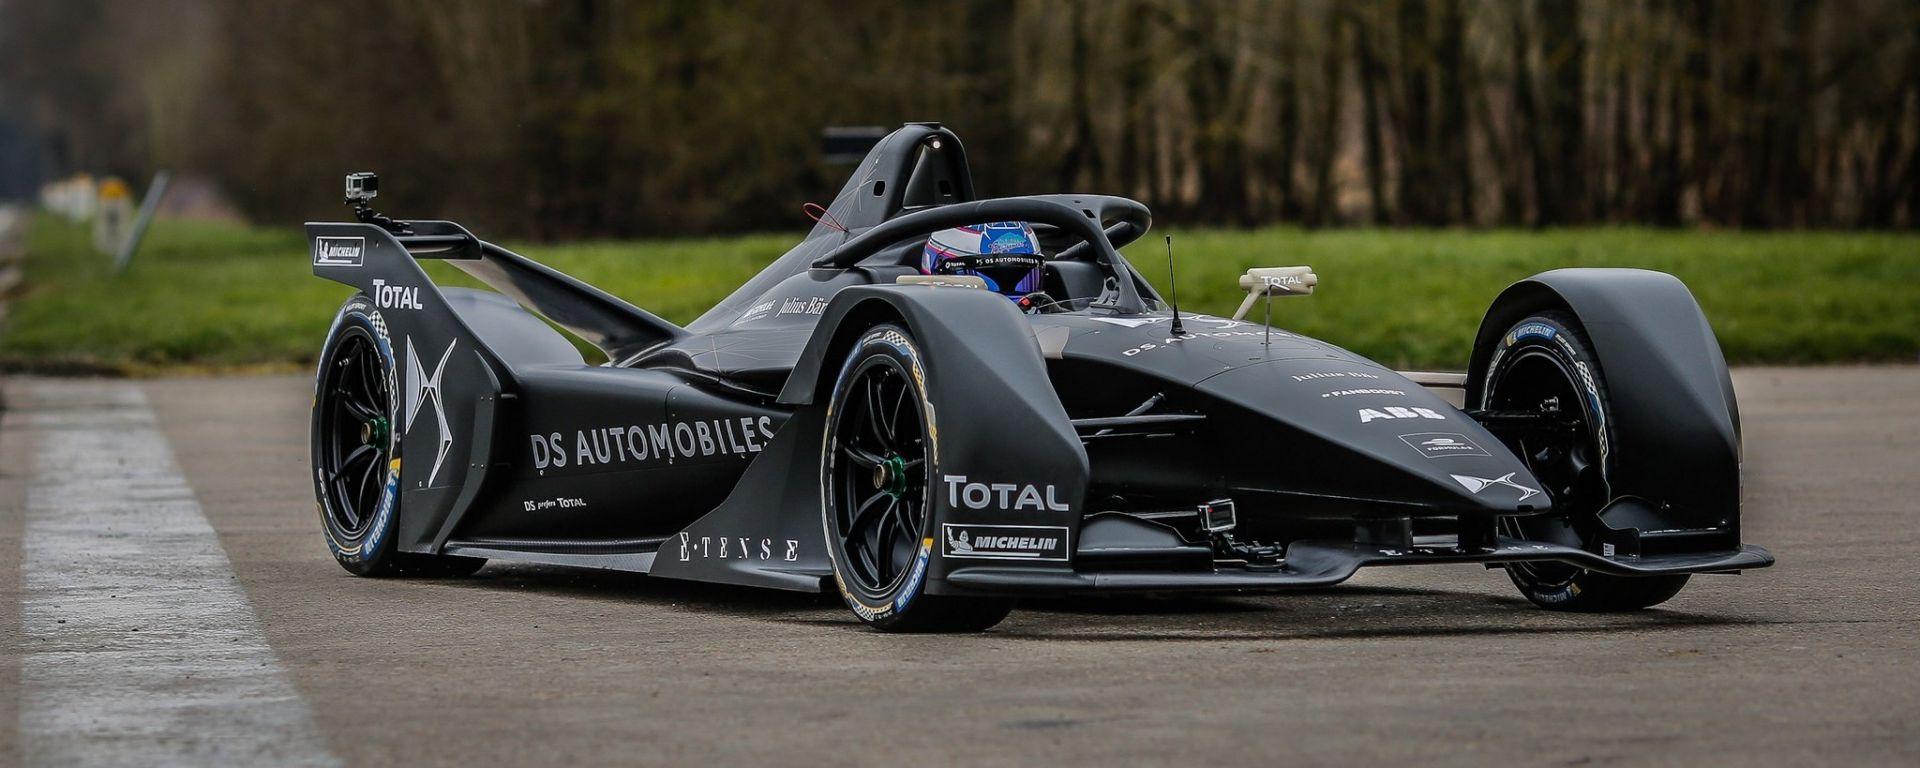 La nuova Formula E 2019 di DS Virgin Racing scende in pista